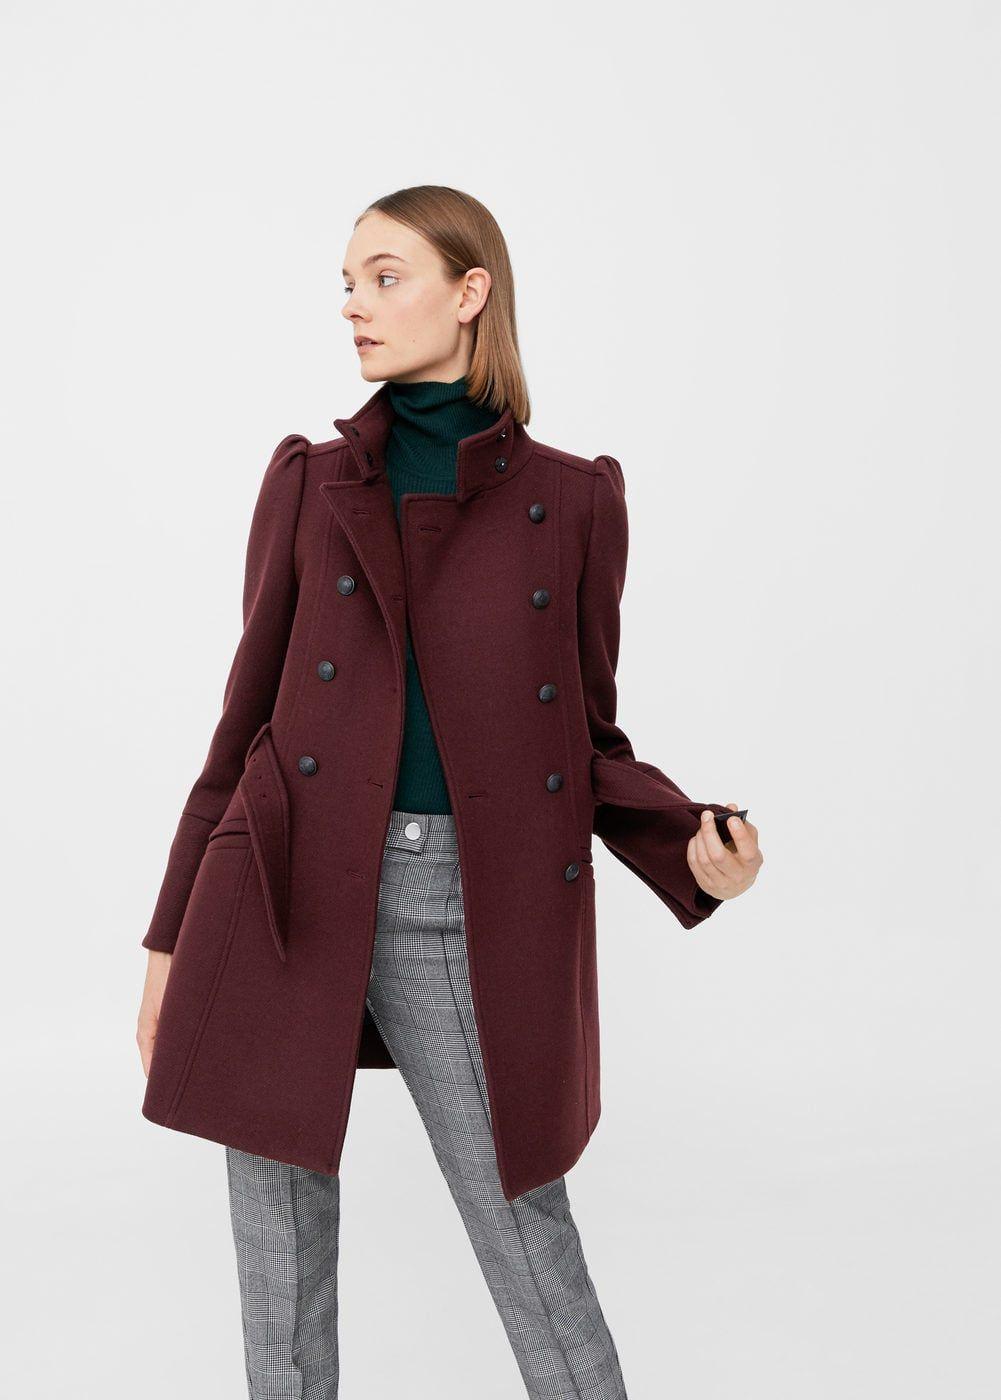 Puffed Shoulder Wool Coat Woman Mango Denmark Long Coat For Girls Coats For Women Wool Coat Outfit